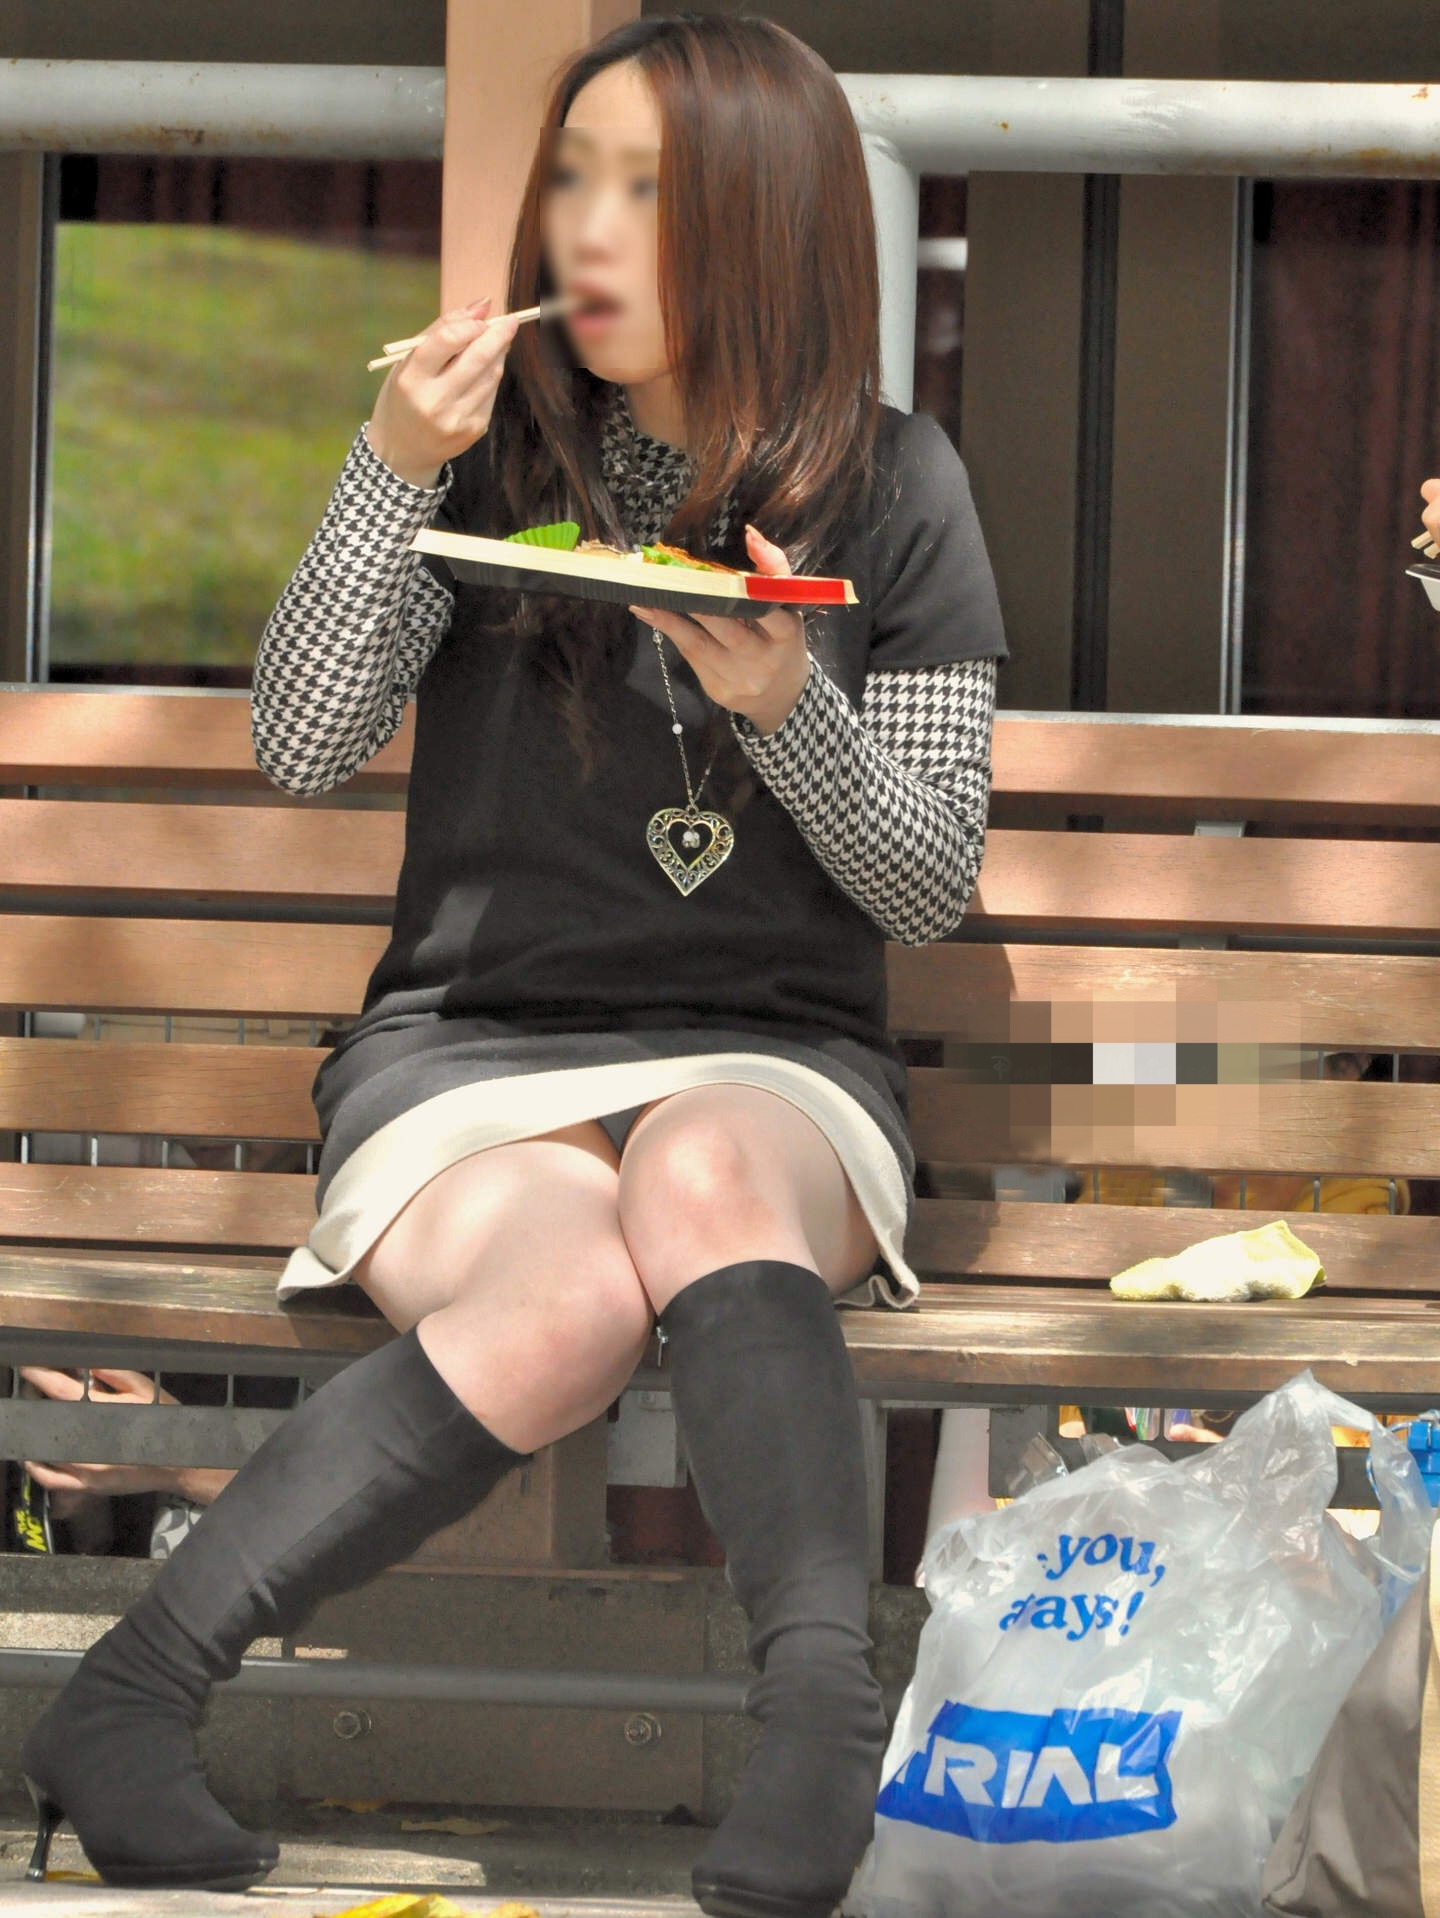 ベンチでお弁当を食べる美女の下着を盗撮!